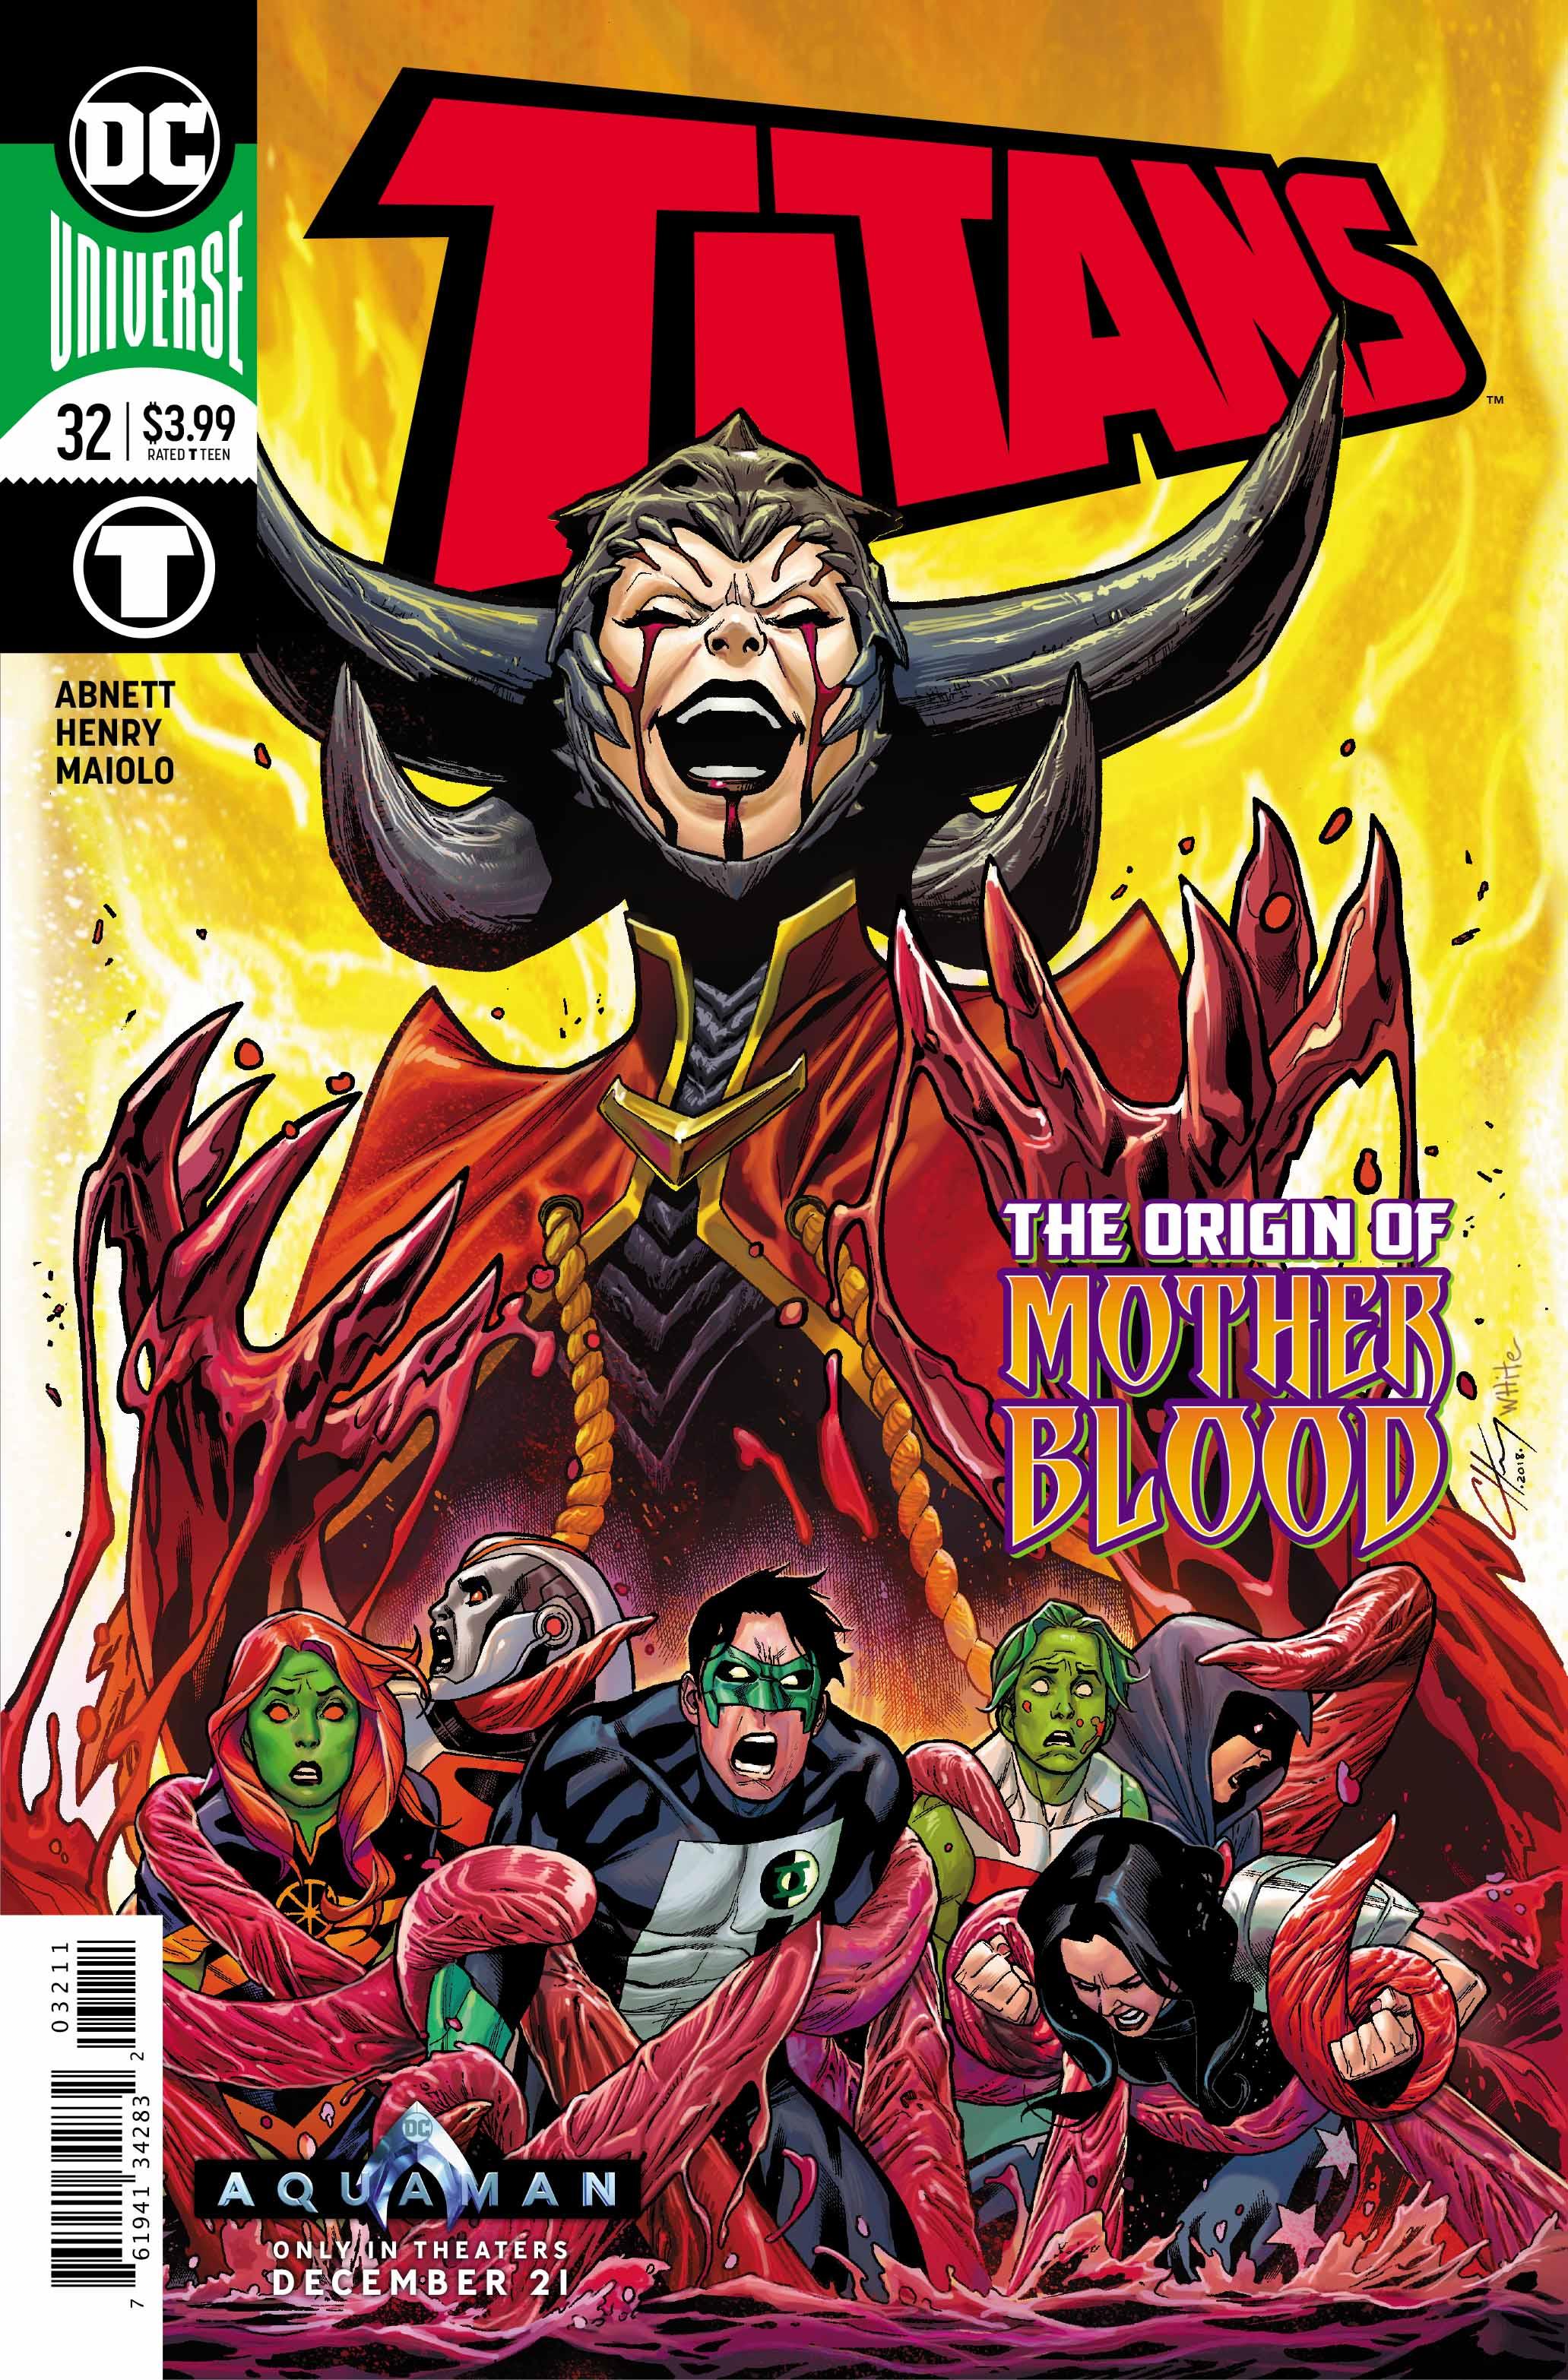 Preview: Titans #32